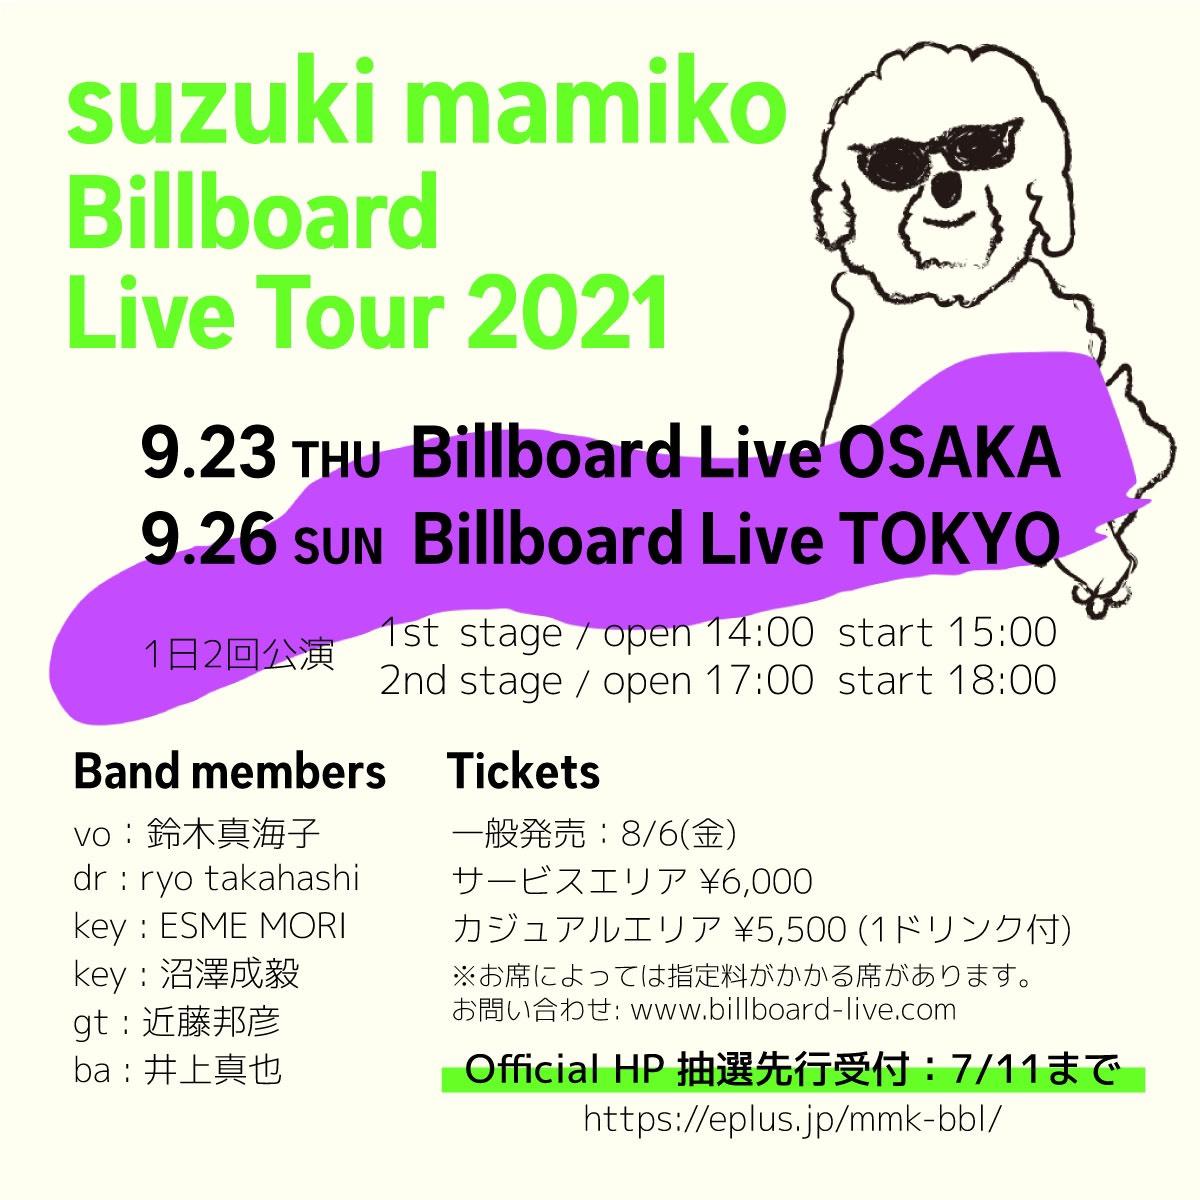 鈴木真海子 イベント情報更新、ビルボードライブ 東京完売